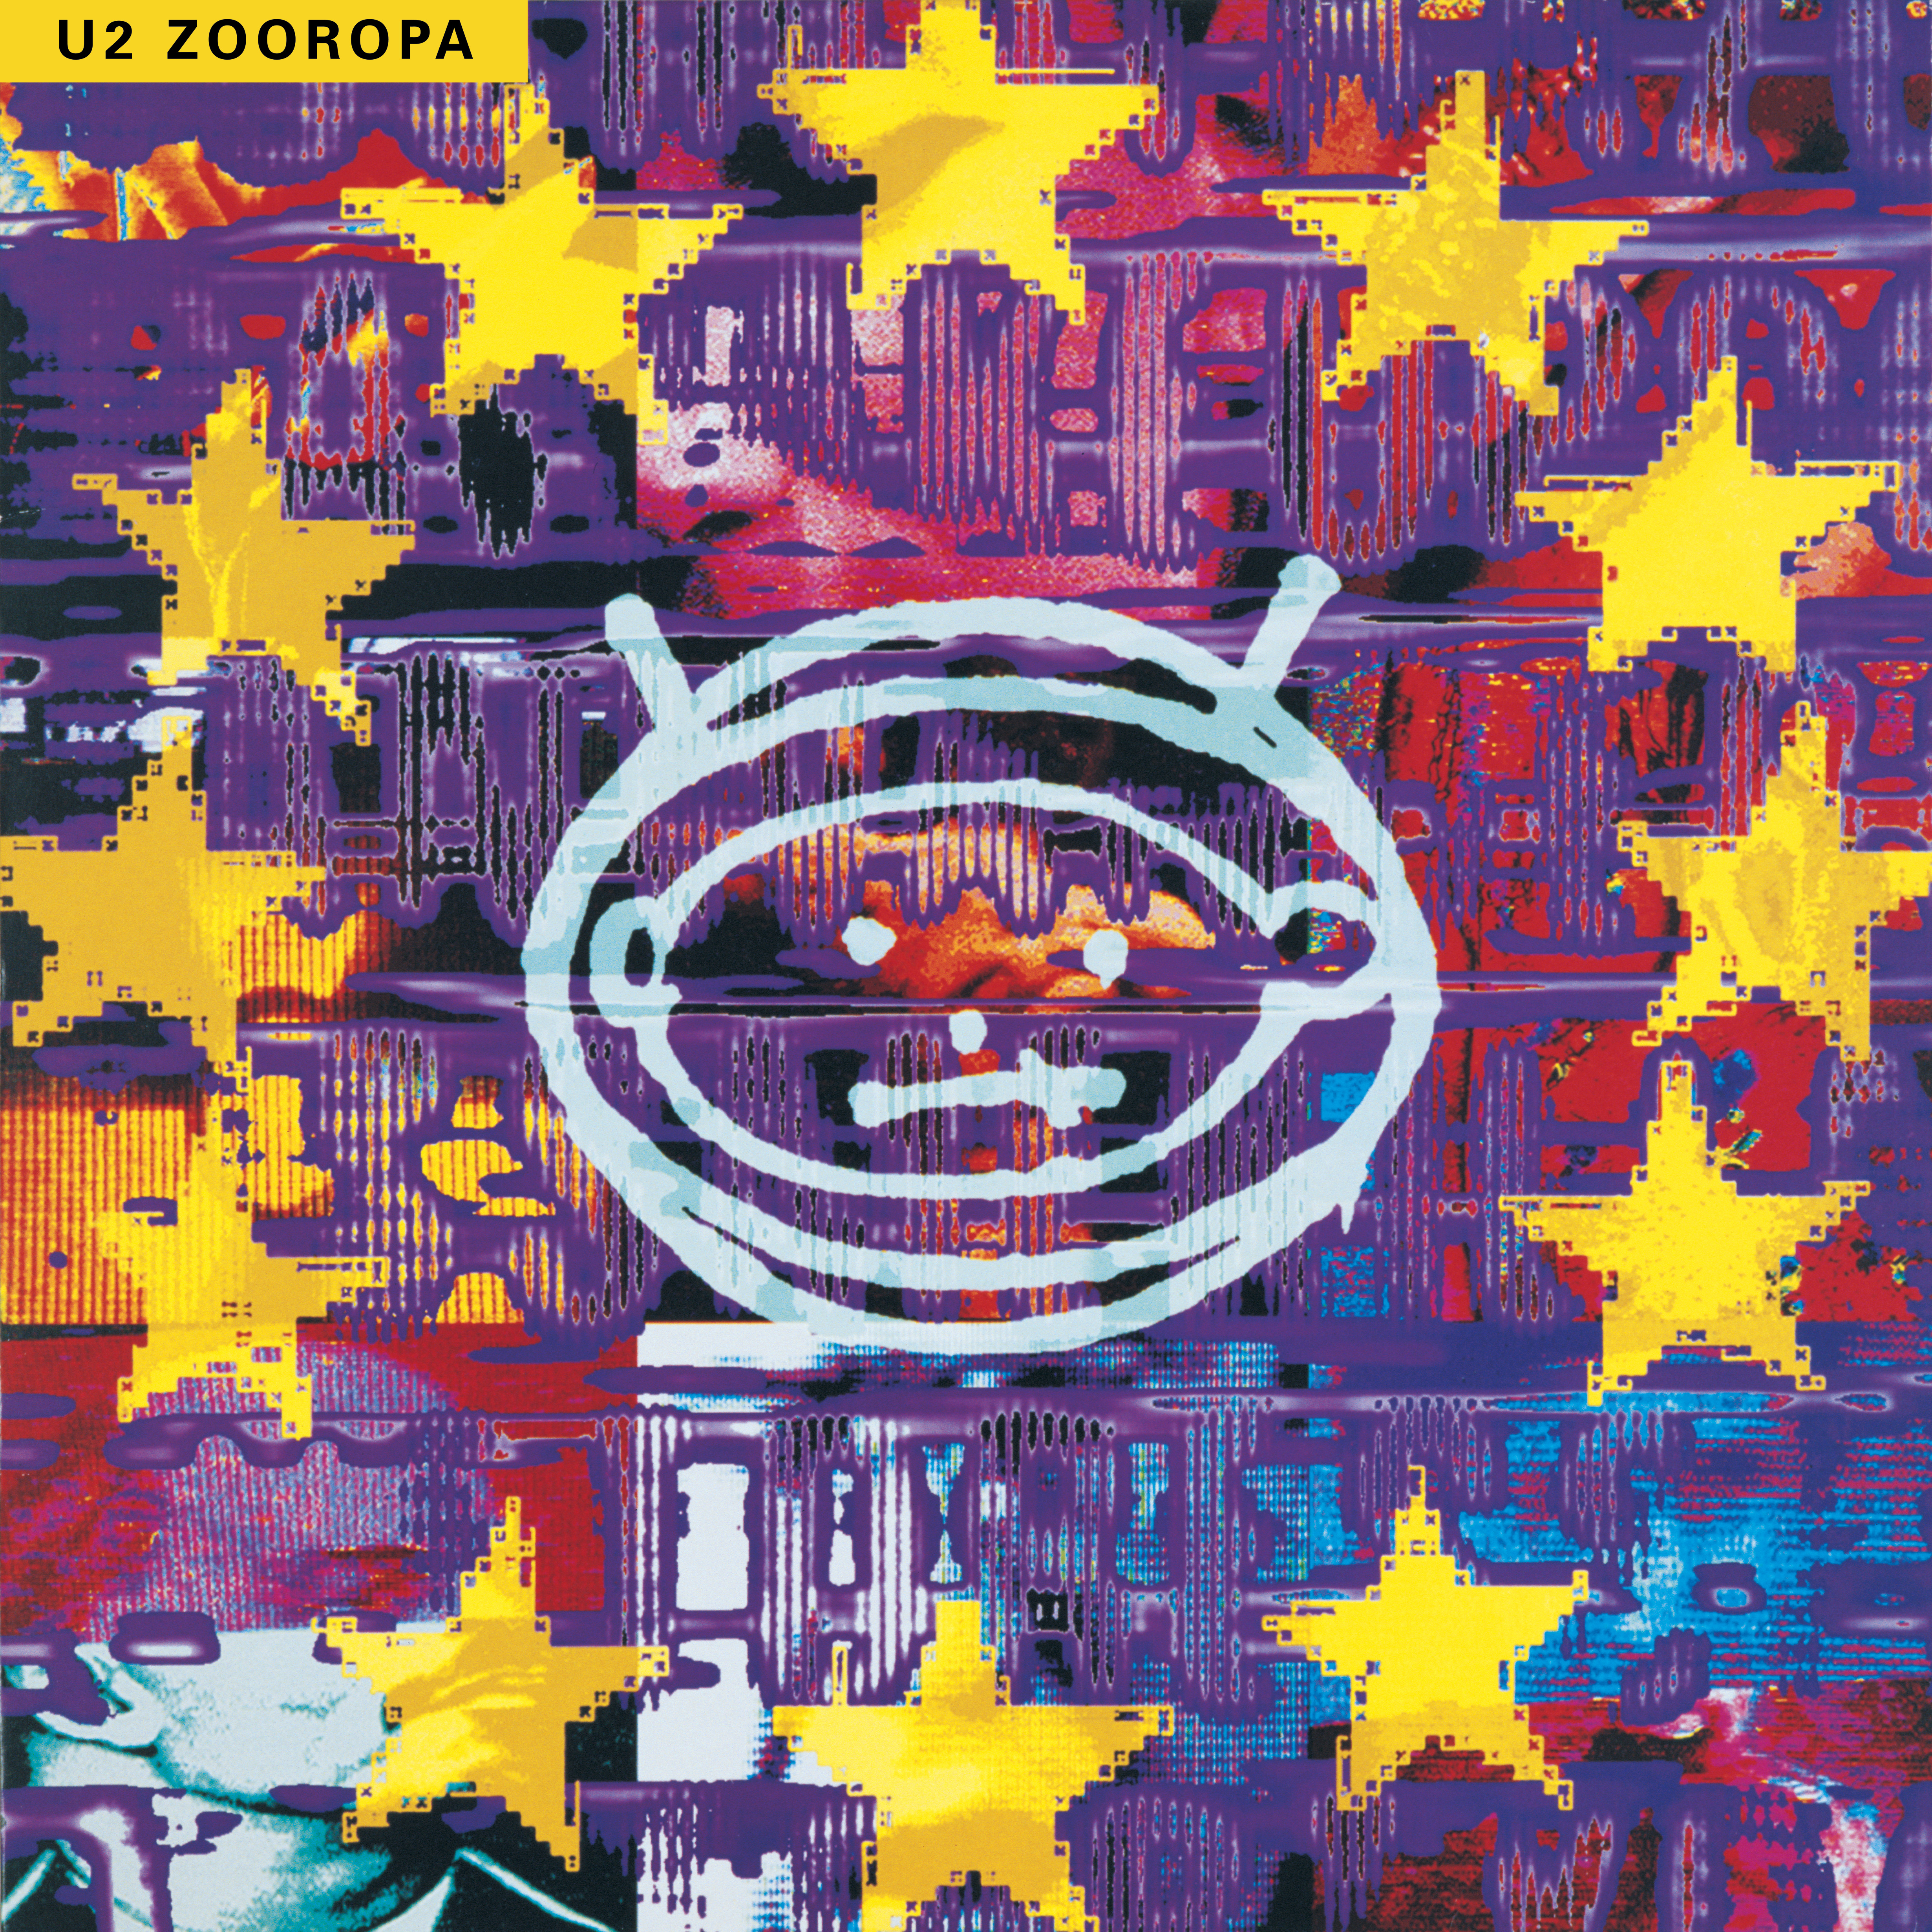 U2 Album Covers